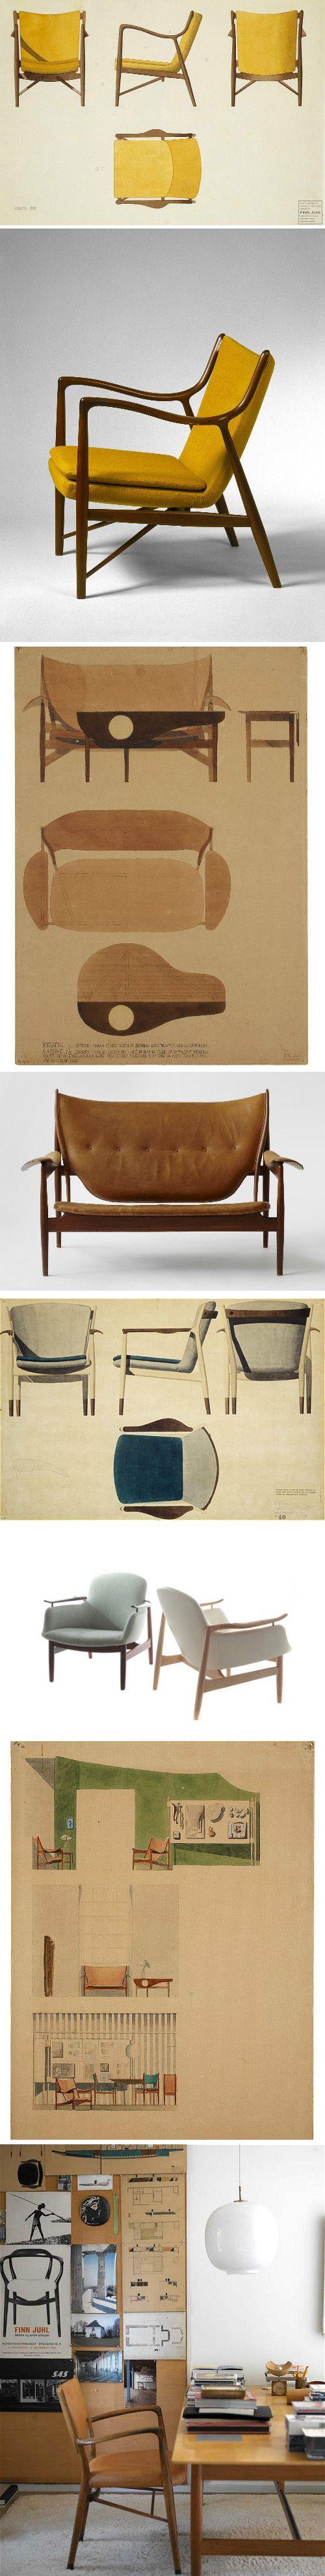 Finn Juhl Sketches Furniture Design Modern Scandinavian Furniture Famous Furniture Designers